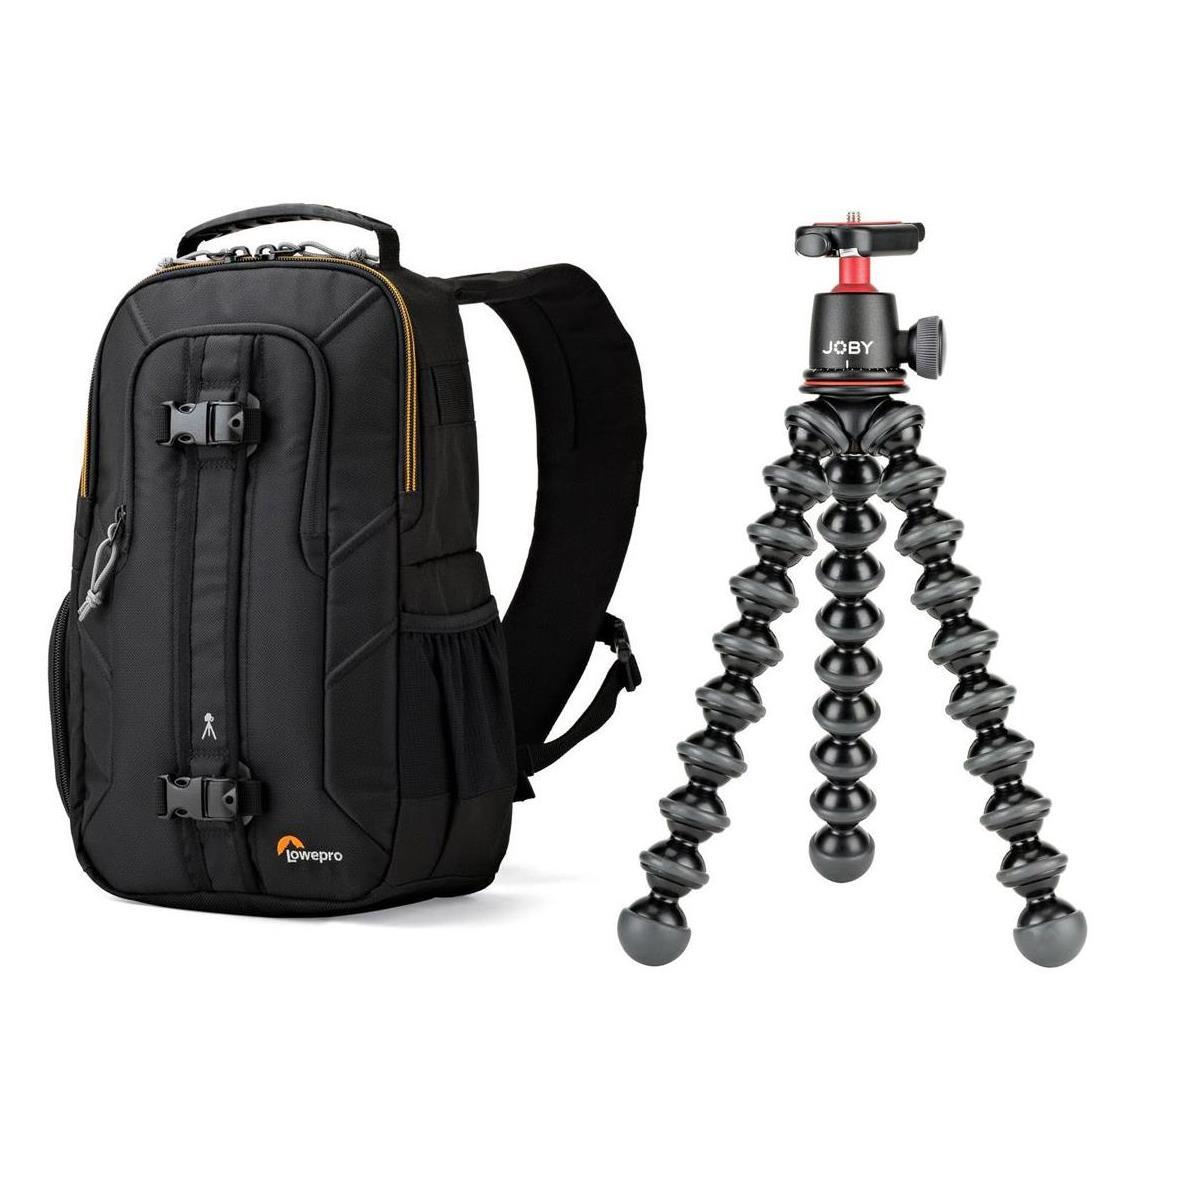 Joby GorillaPod 3K Kit + Lowepro Slingshot Edge 150 AW Backpack $80 + free s/h